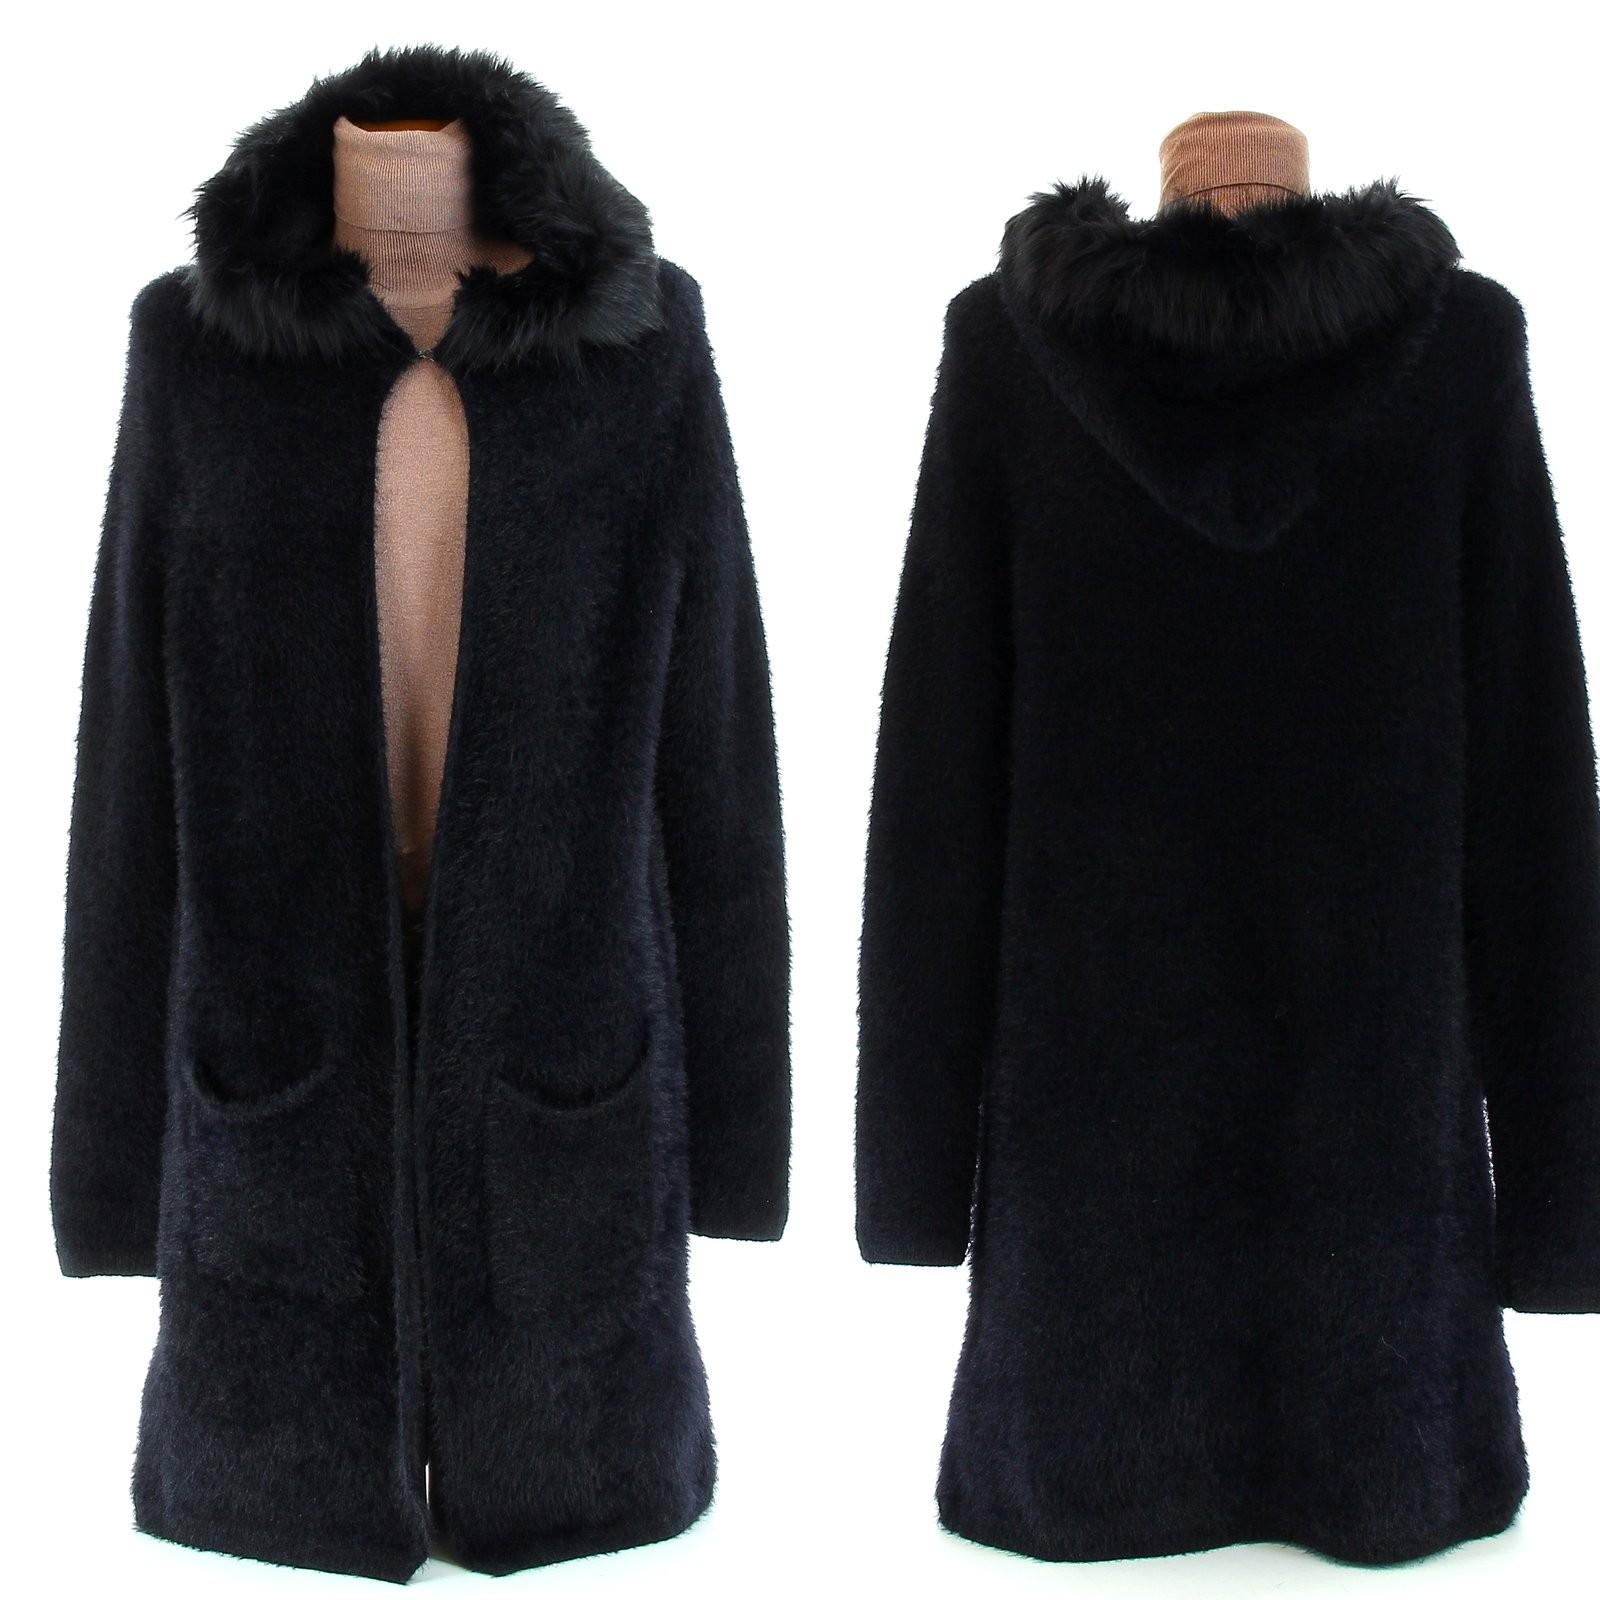 manteau gilet long laine pais capuche fourrure athena. Black Bedroom Furniture Sets. Home Design Ideas